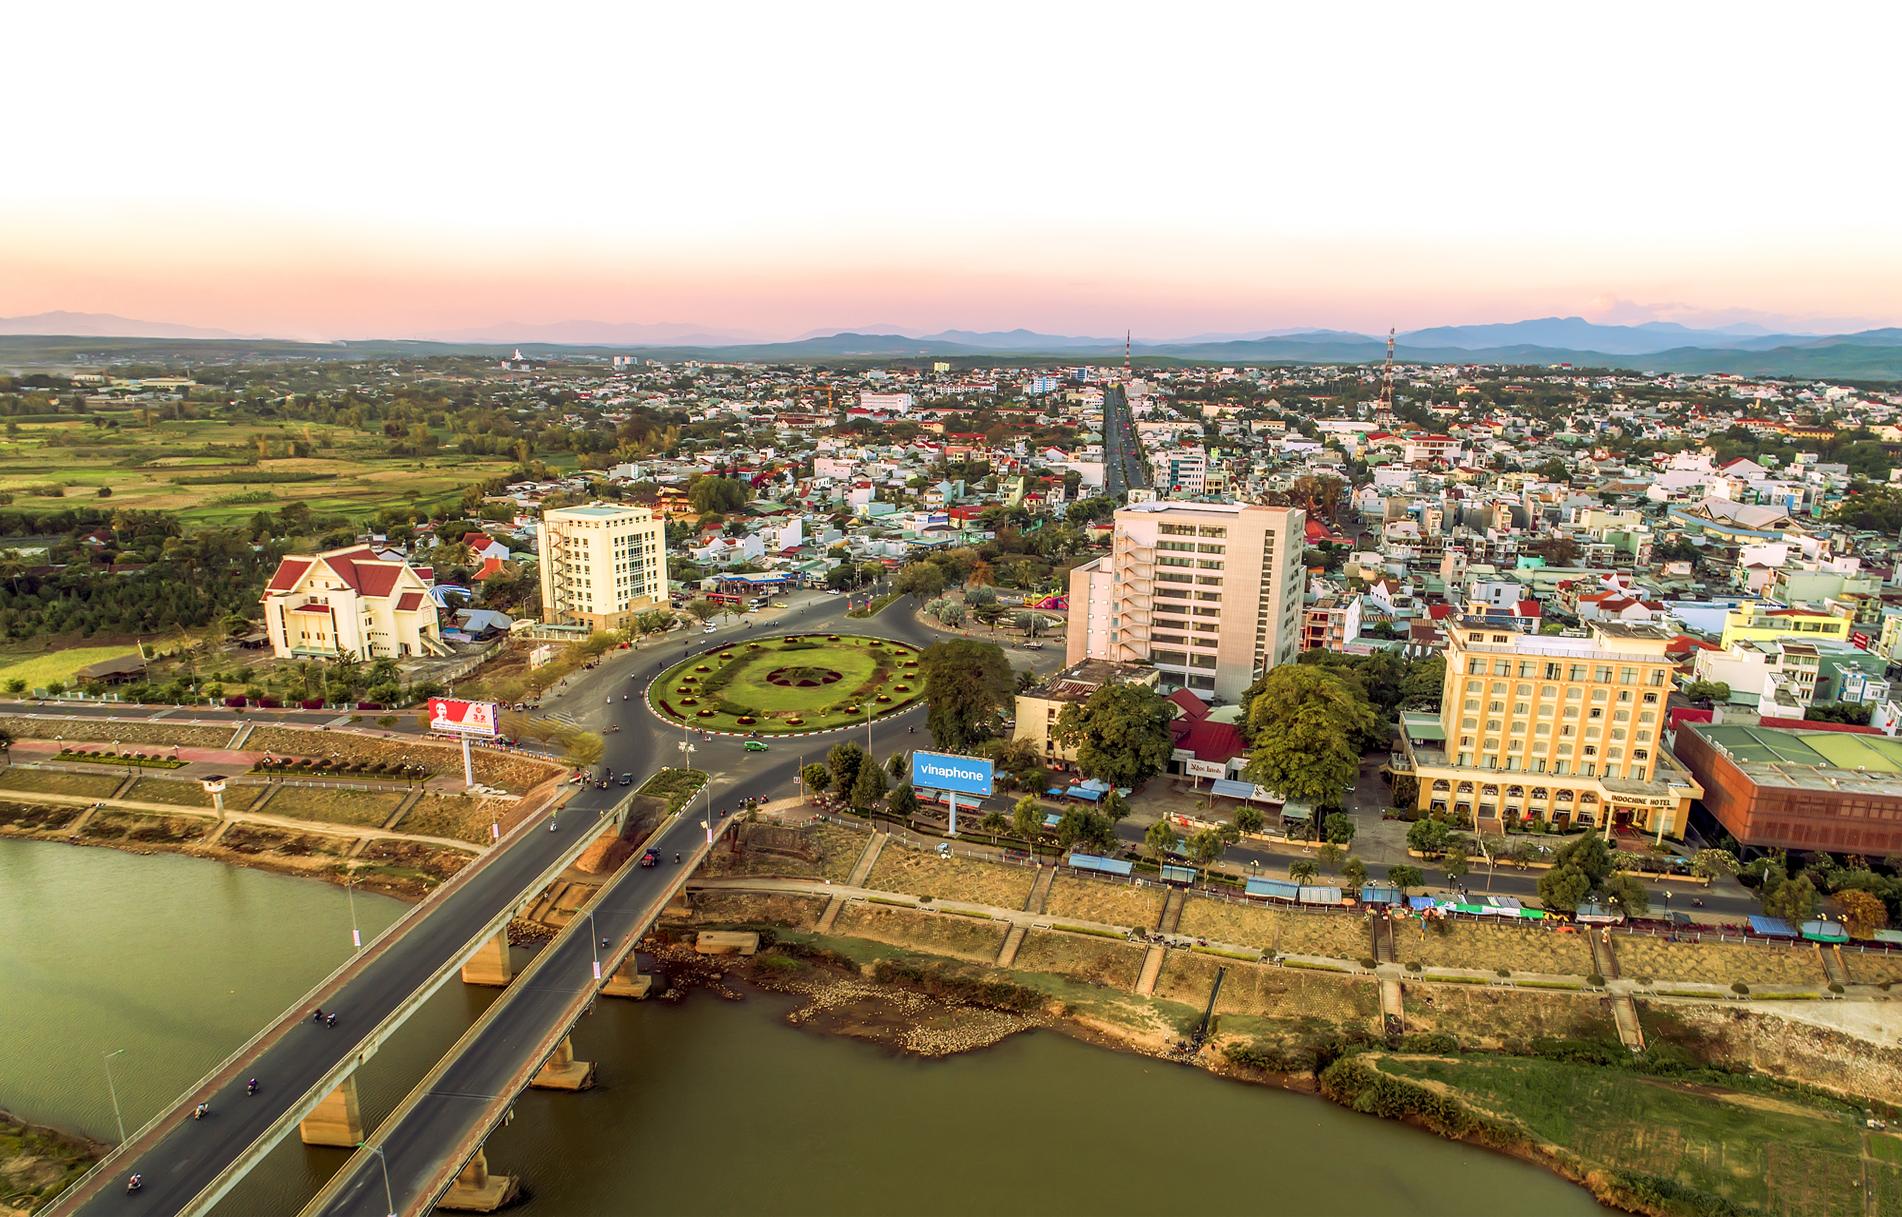 Thị trường BĐS Tây Nguyên: Kon Tum, Đắk Lắk đón sóng đầu tư - Ảnh 1.